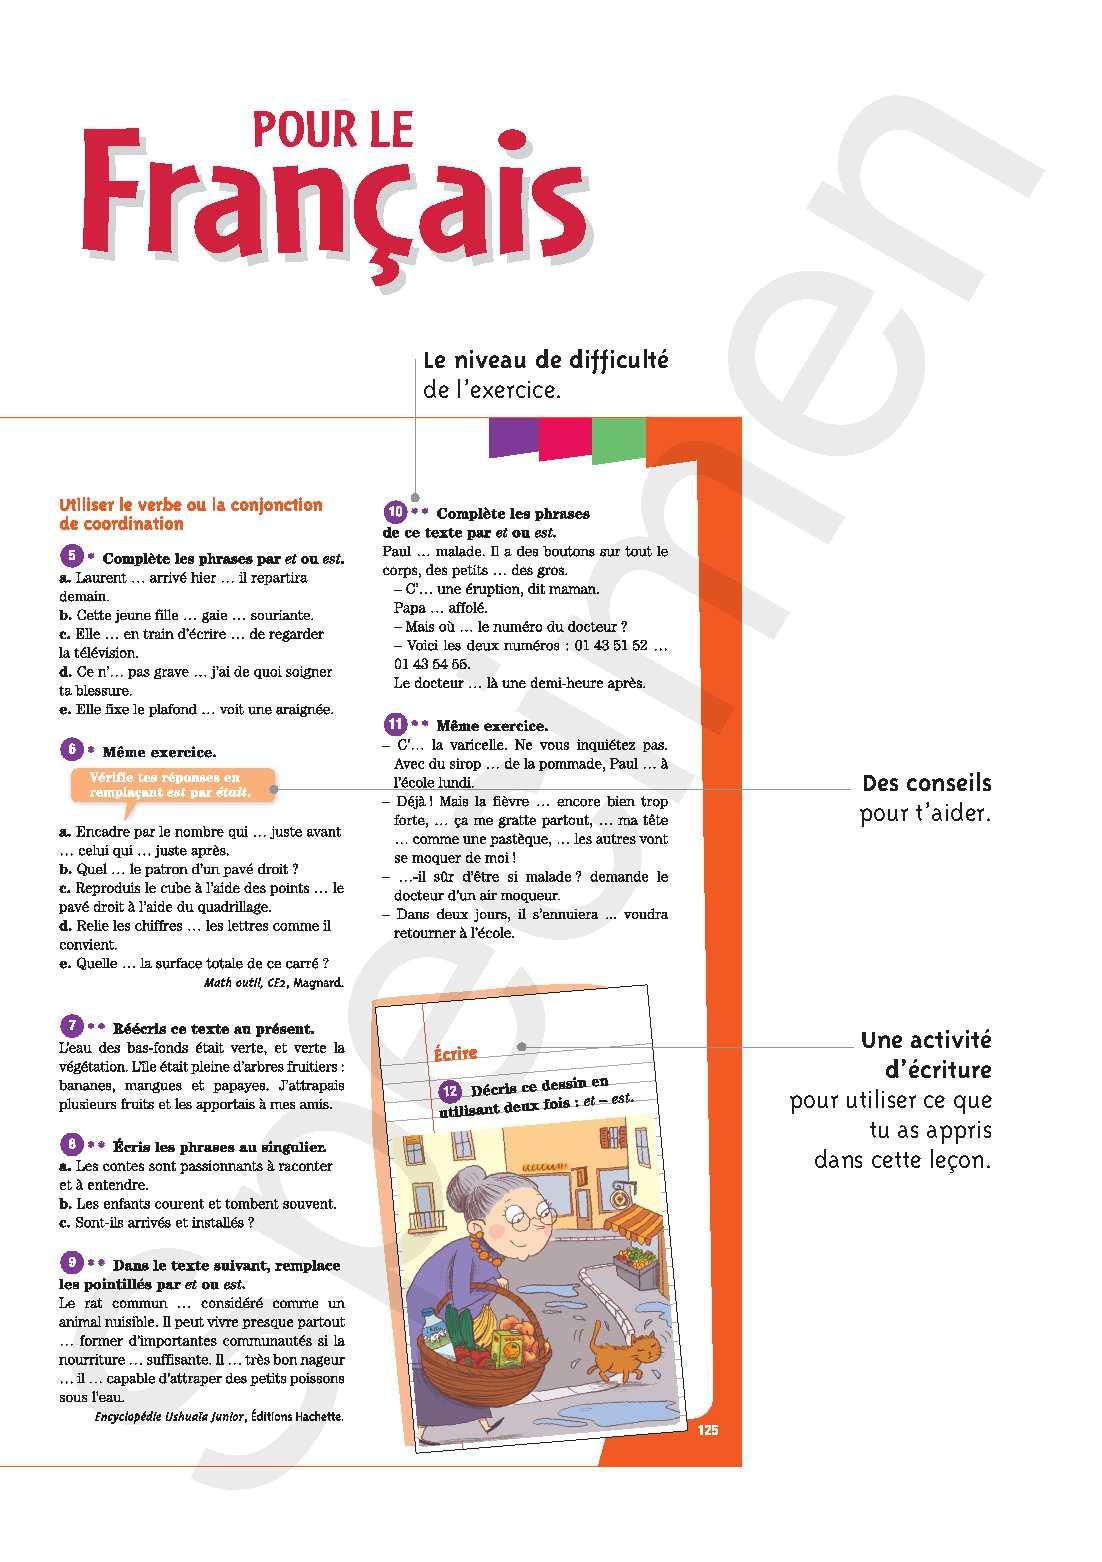 Extrait De Outils Pour Le Francais Ce2 Calameo Downloader